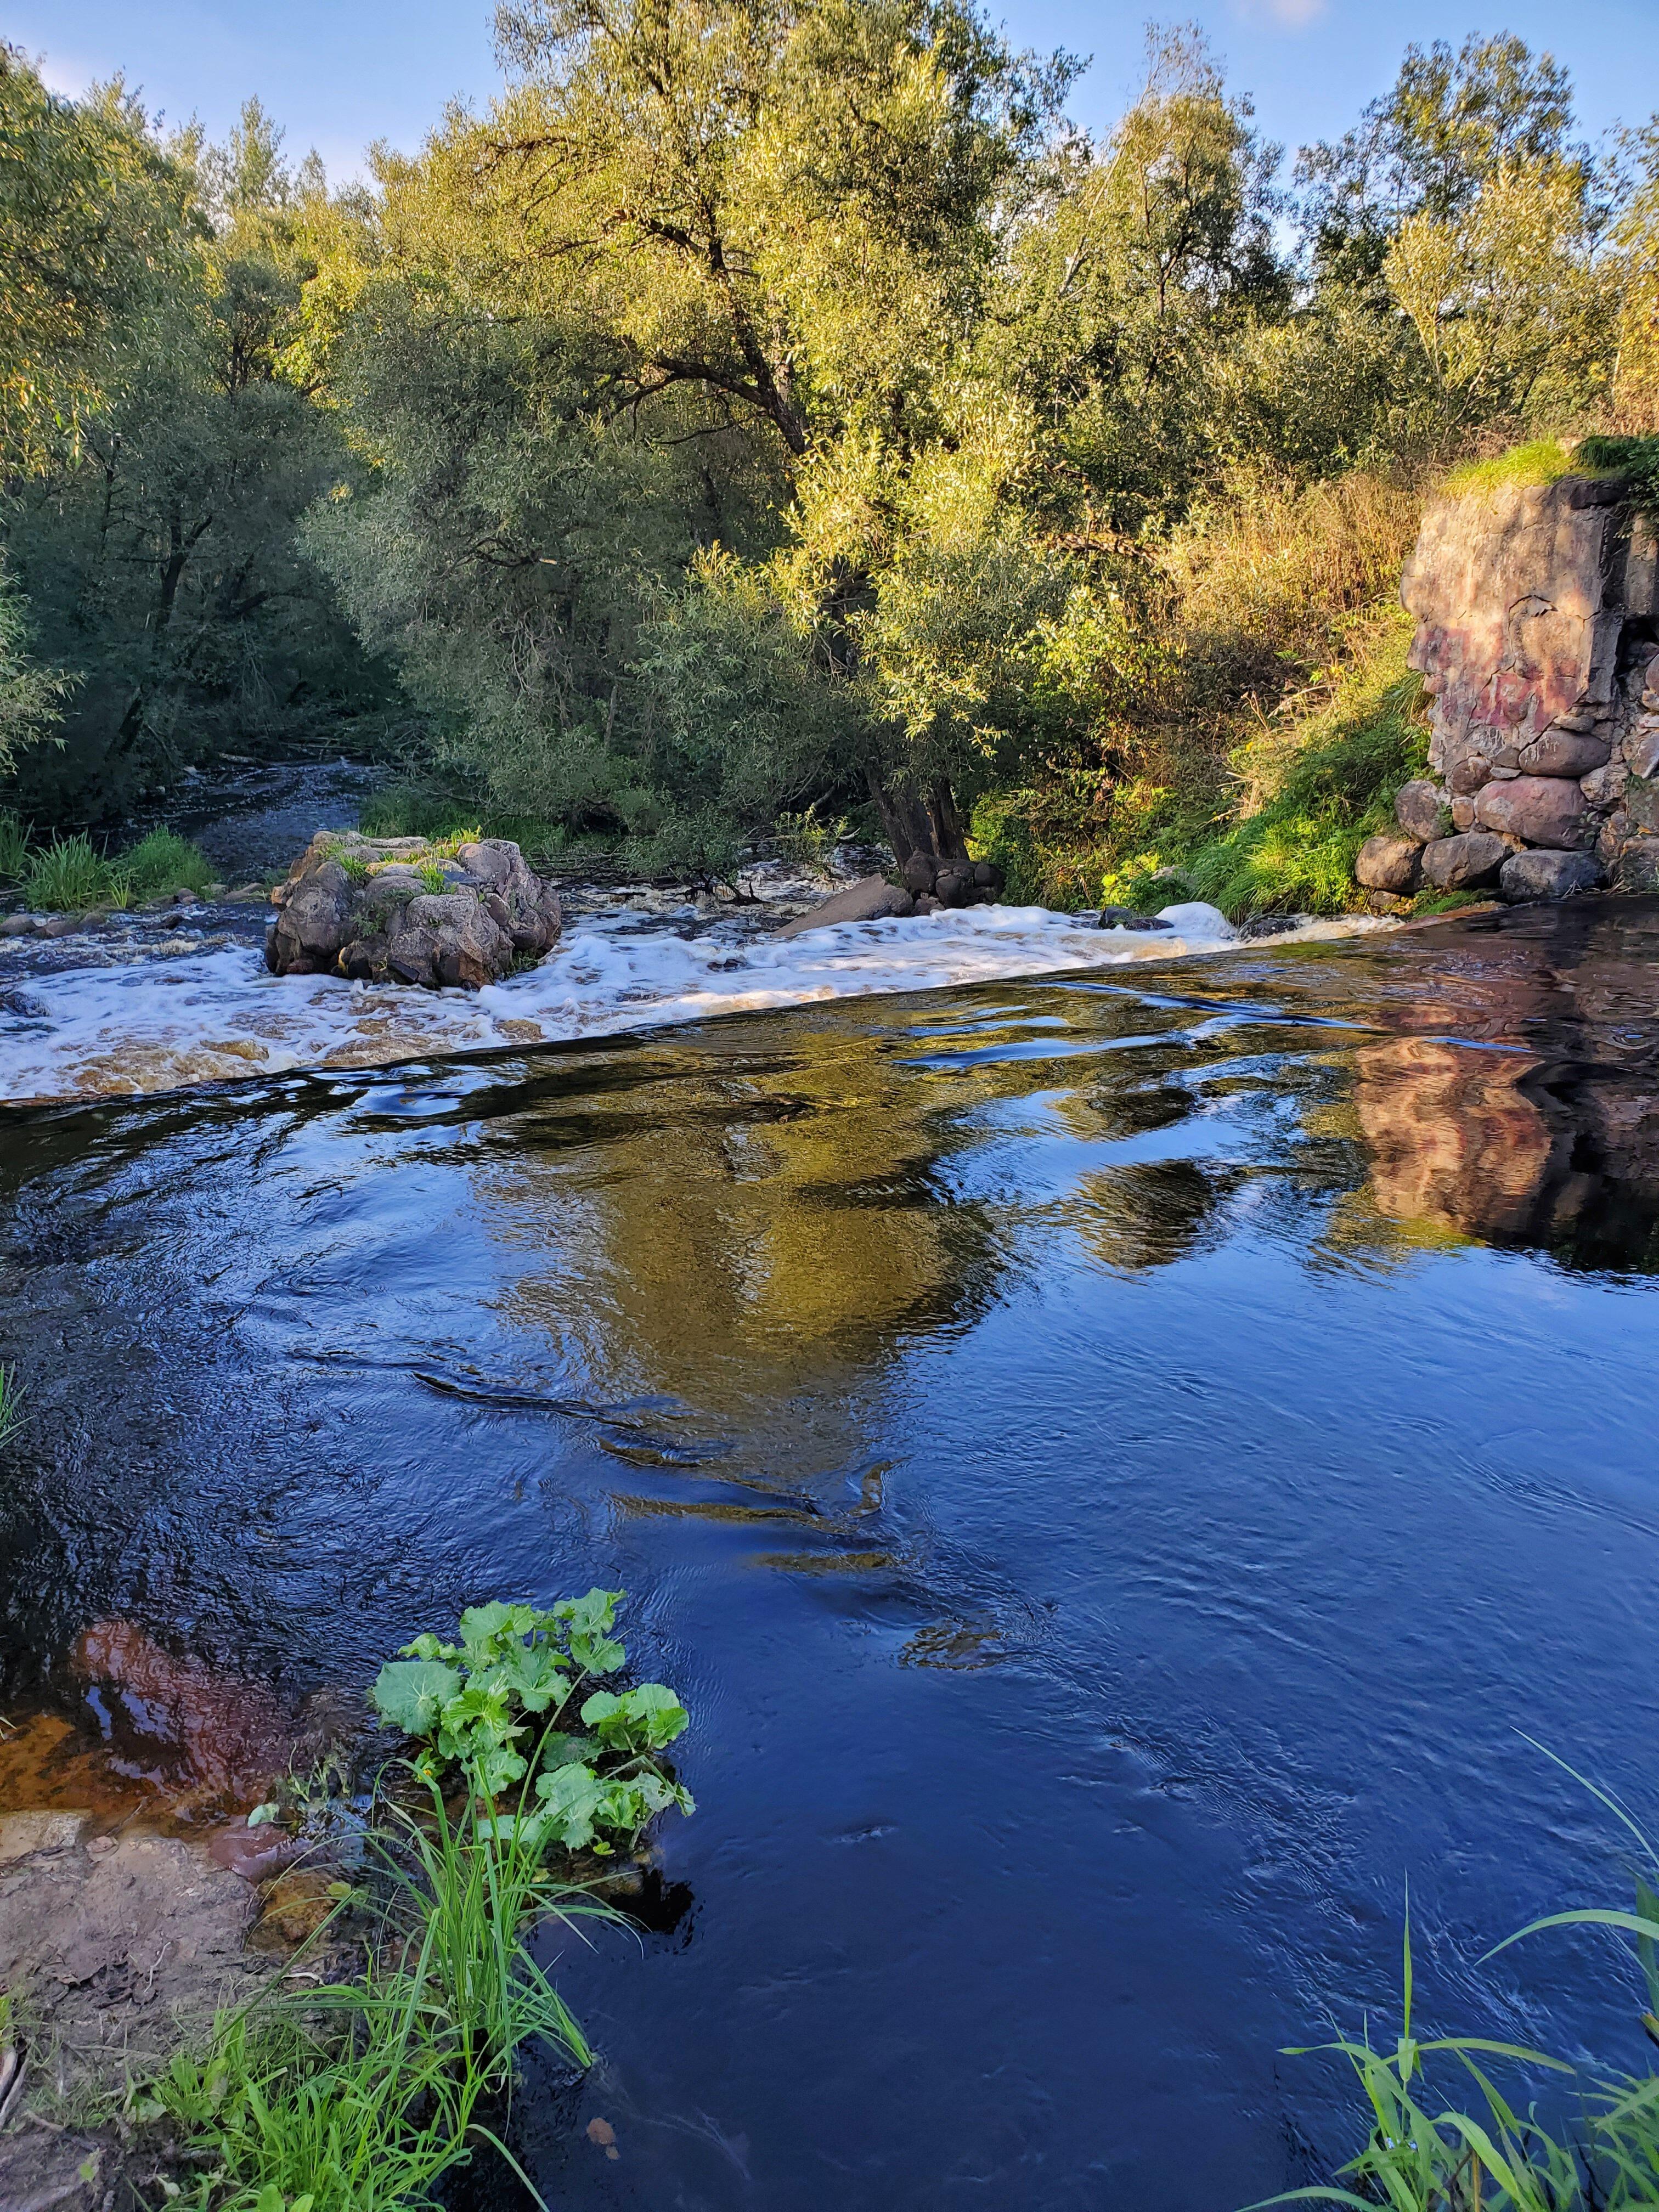 20210904 173435 rotated - Водопад на реке Вята